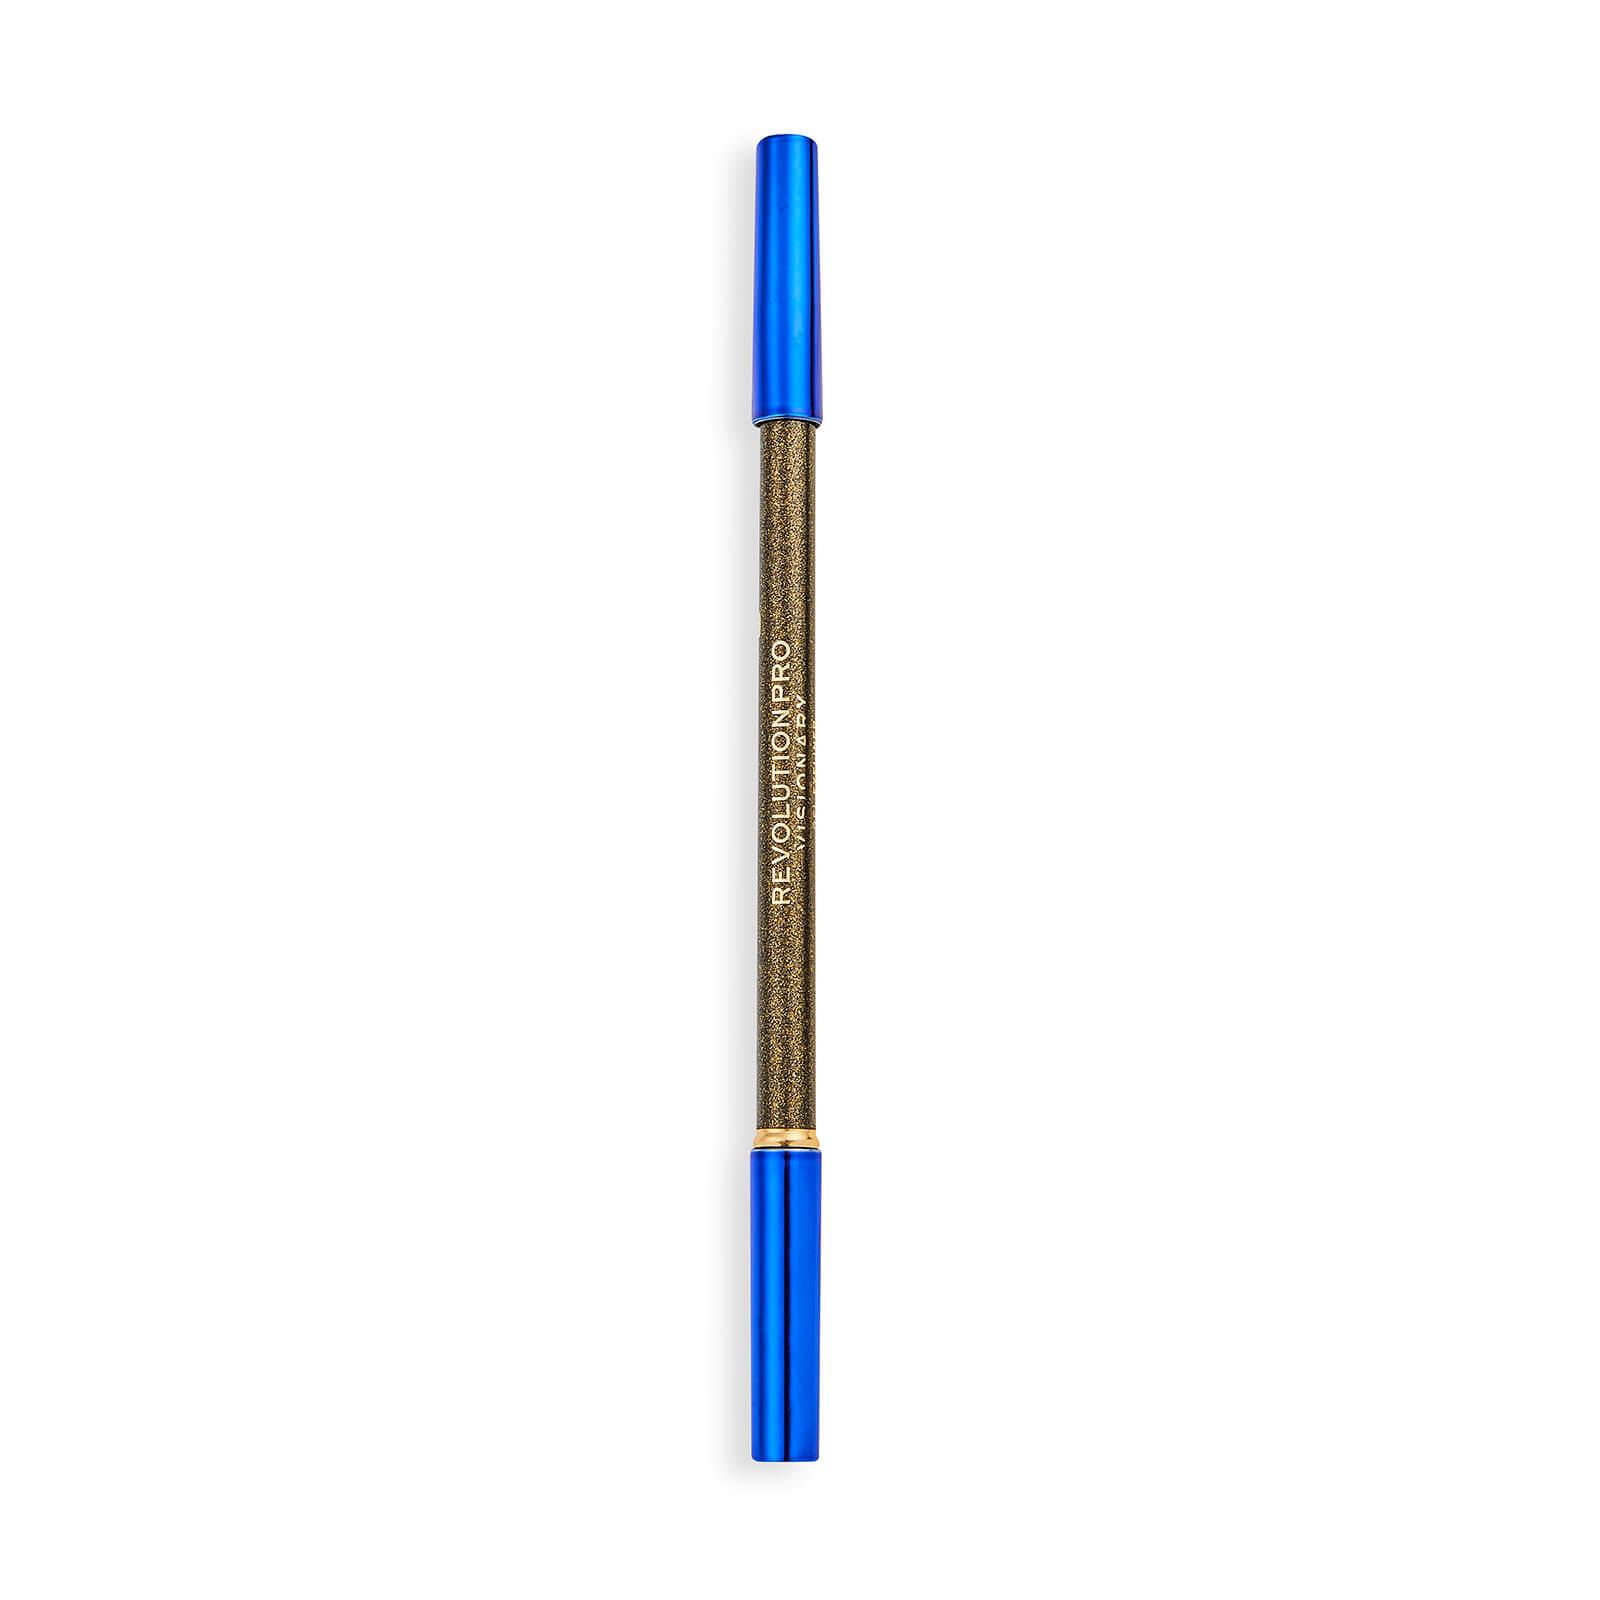 Купить Revolution Pro Visionary Gel Eyeliner Pencil Azure